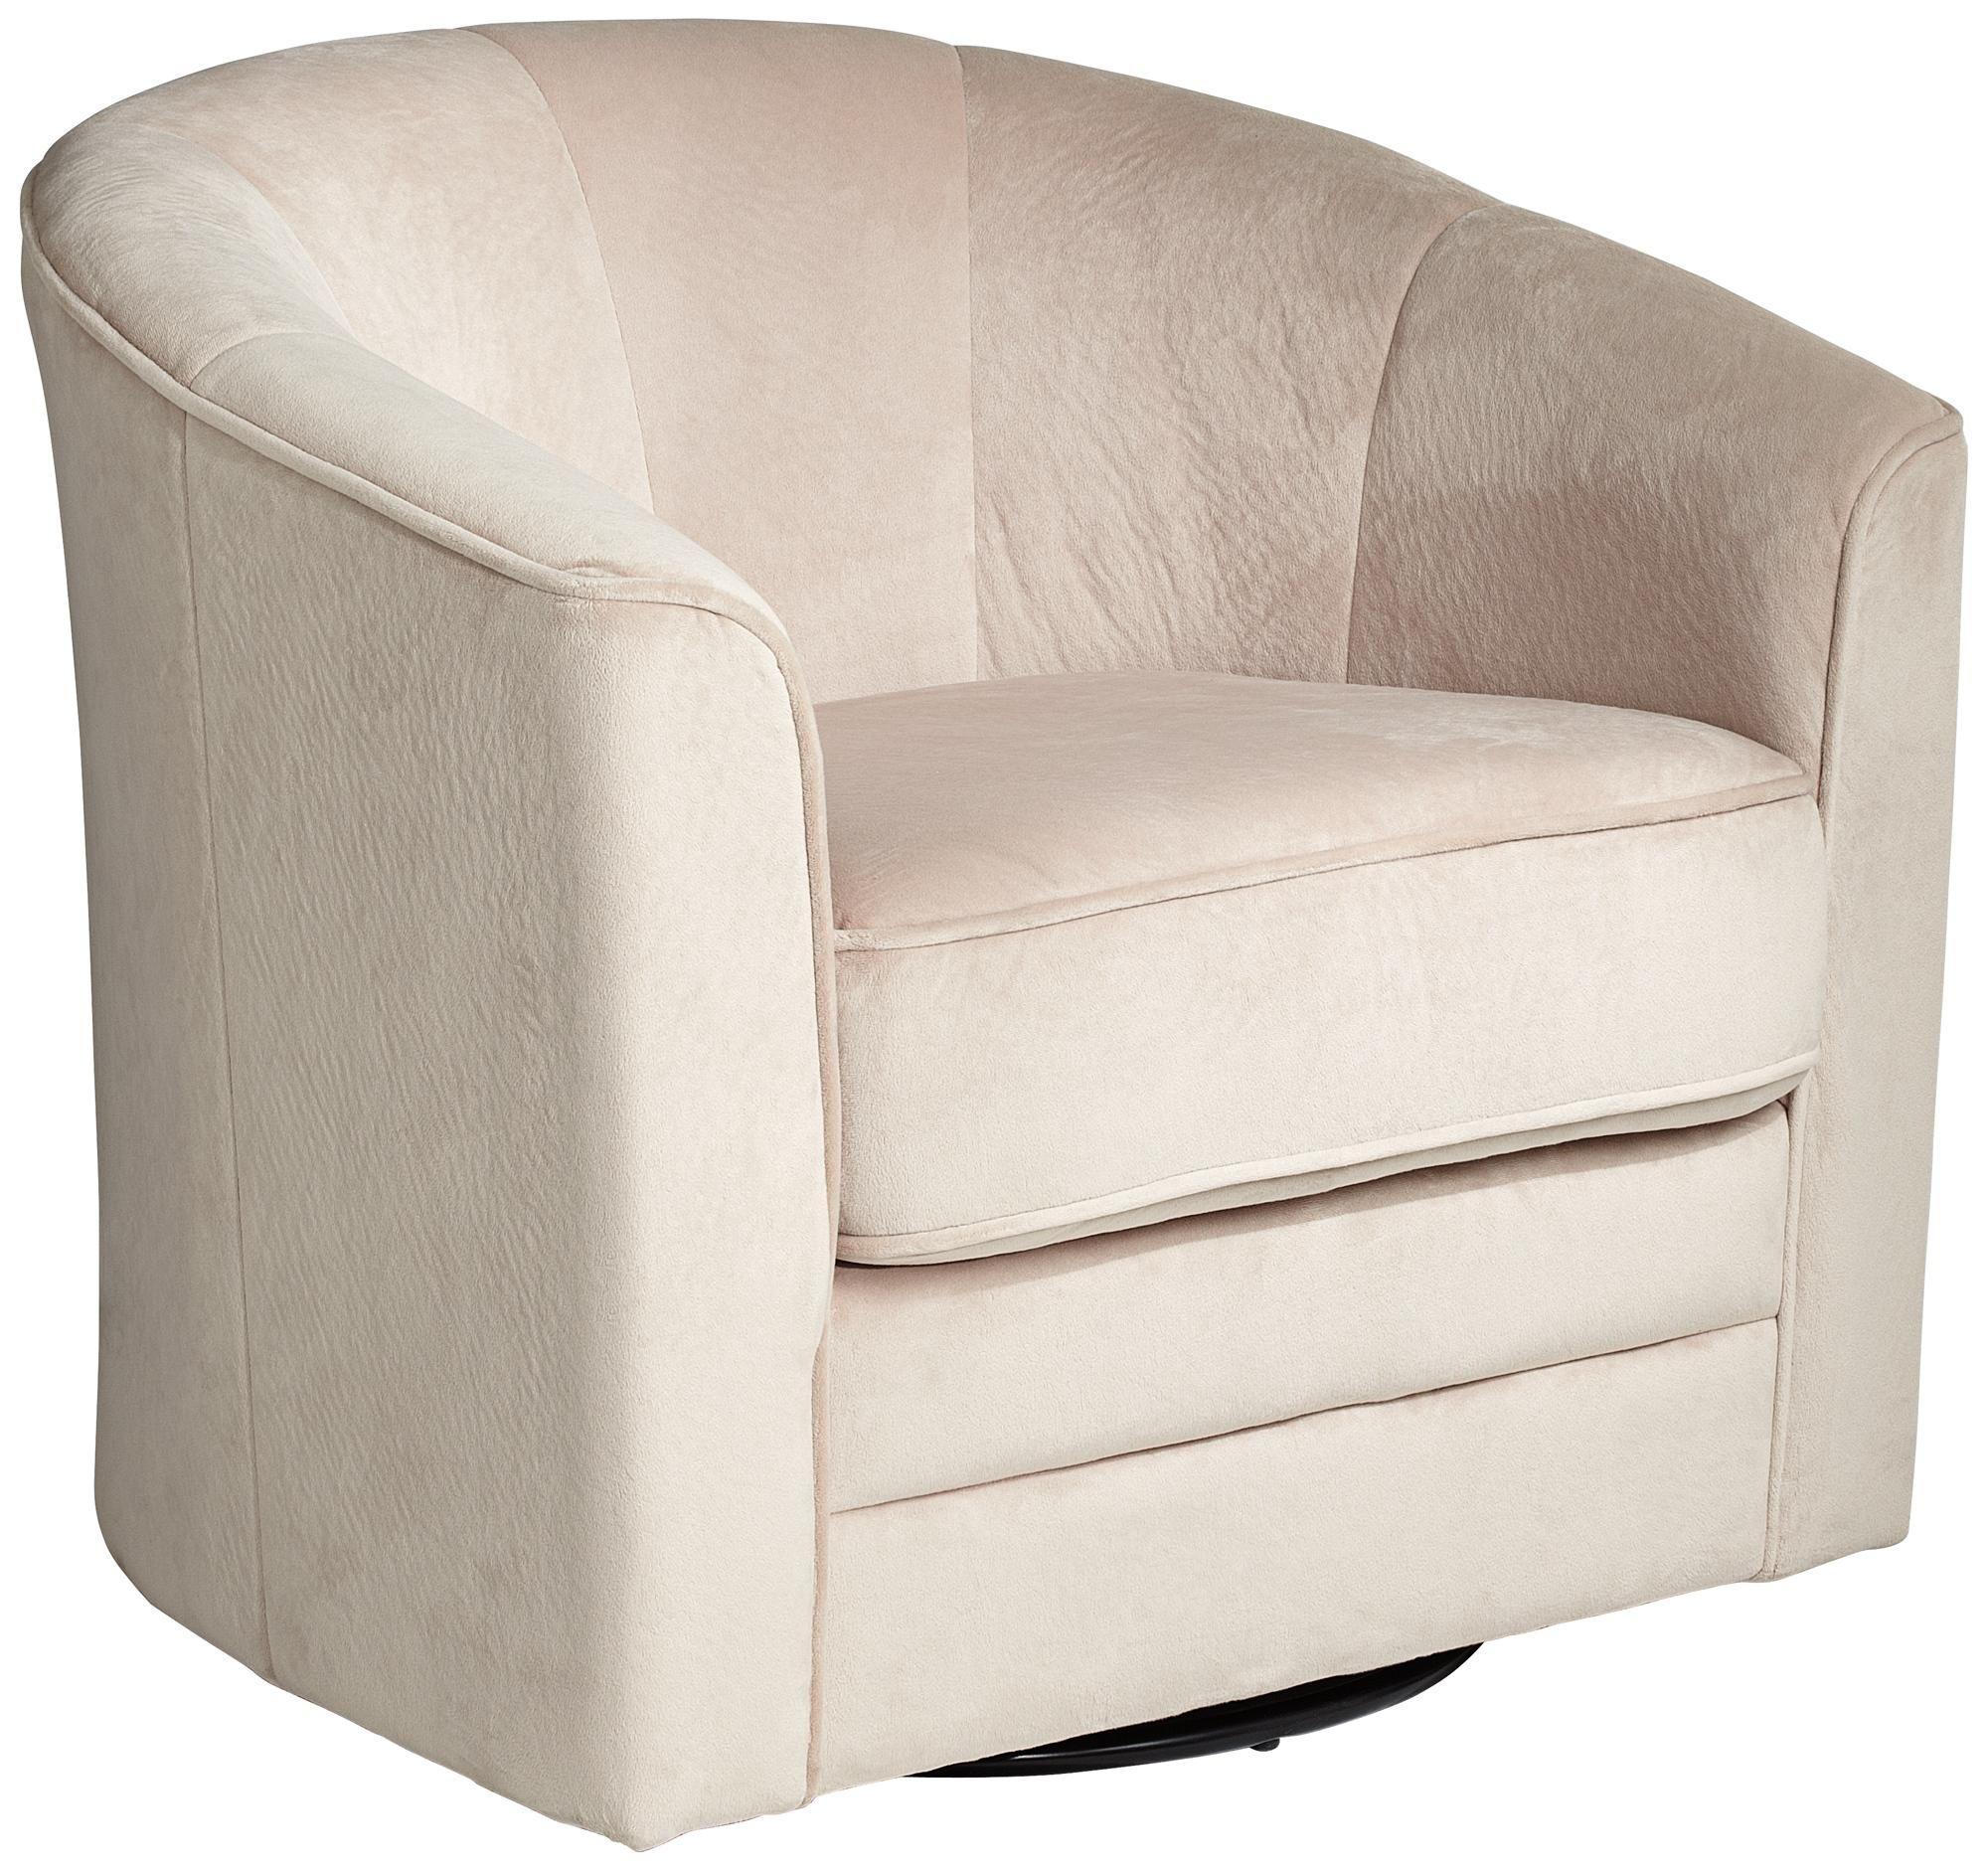 Keller Argos Muse Pearl Velvet Swivel Chair X5006 Lamps Plus